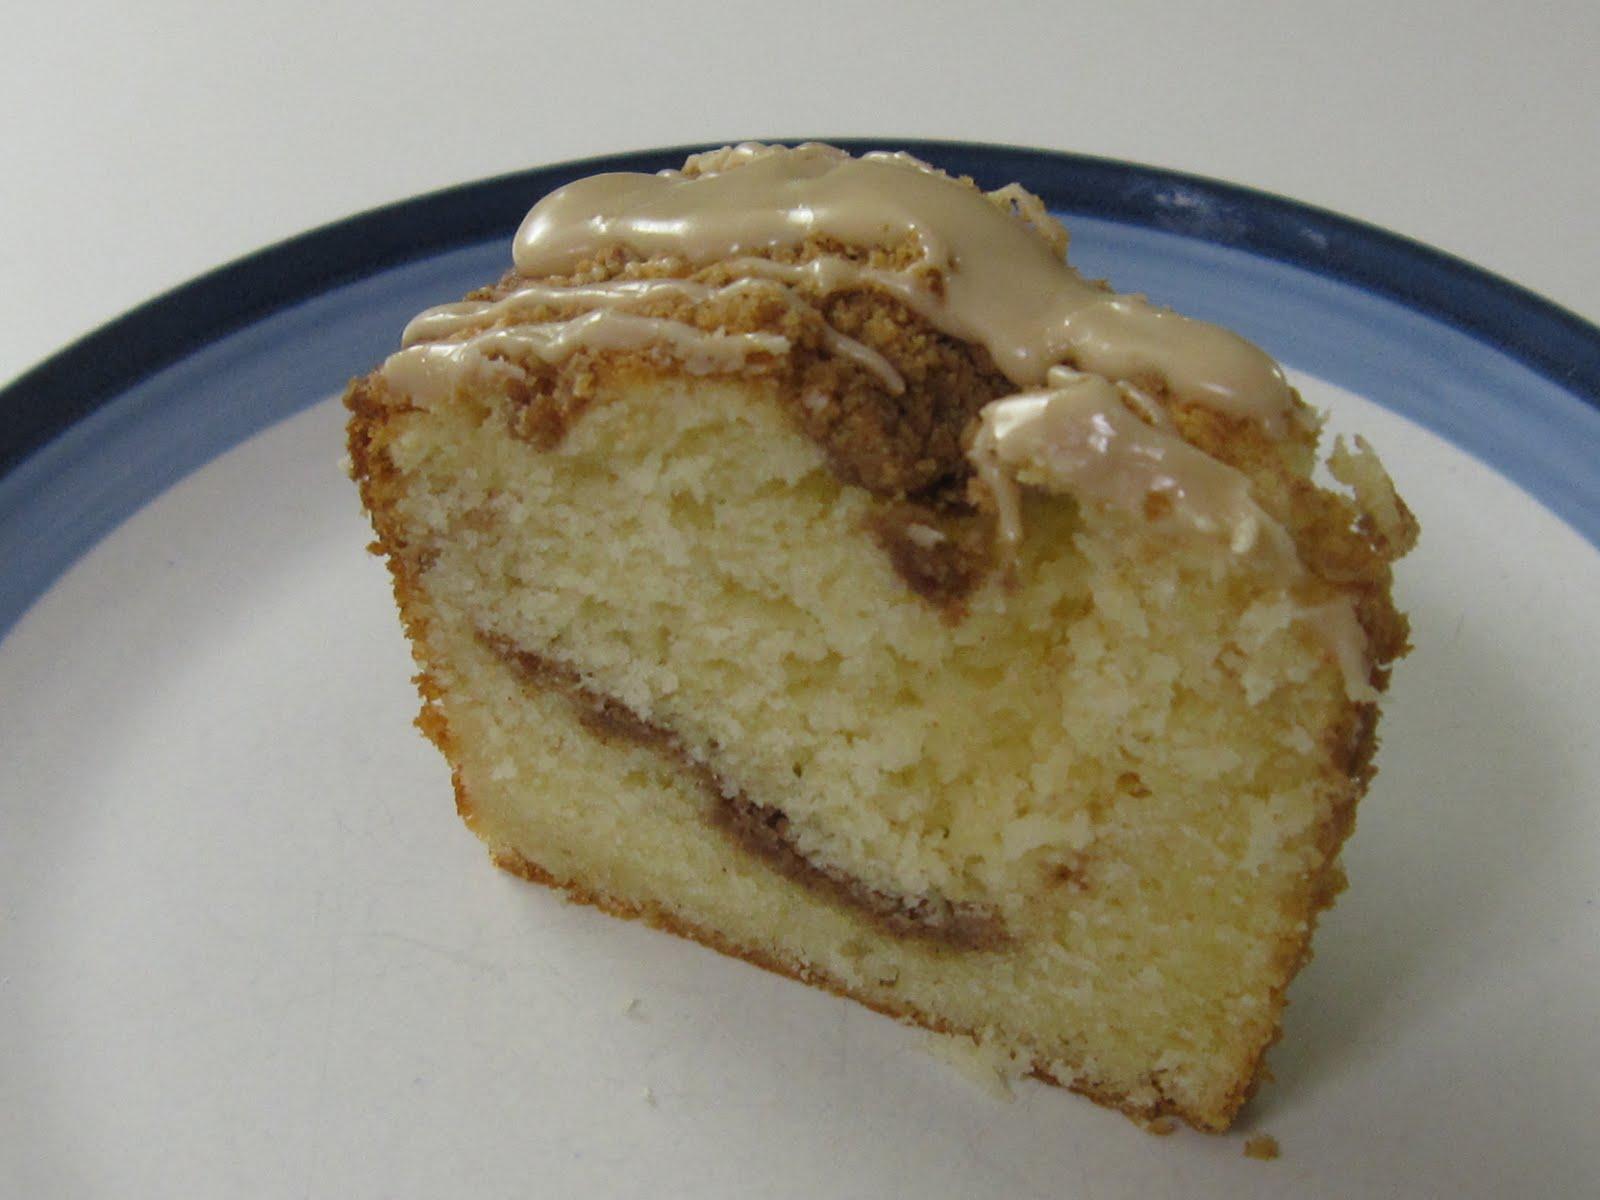 Light Swirl Coffee Cake With Maple Glaze Recipes — Dishmaps